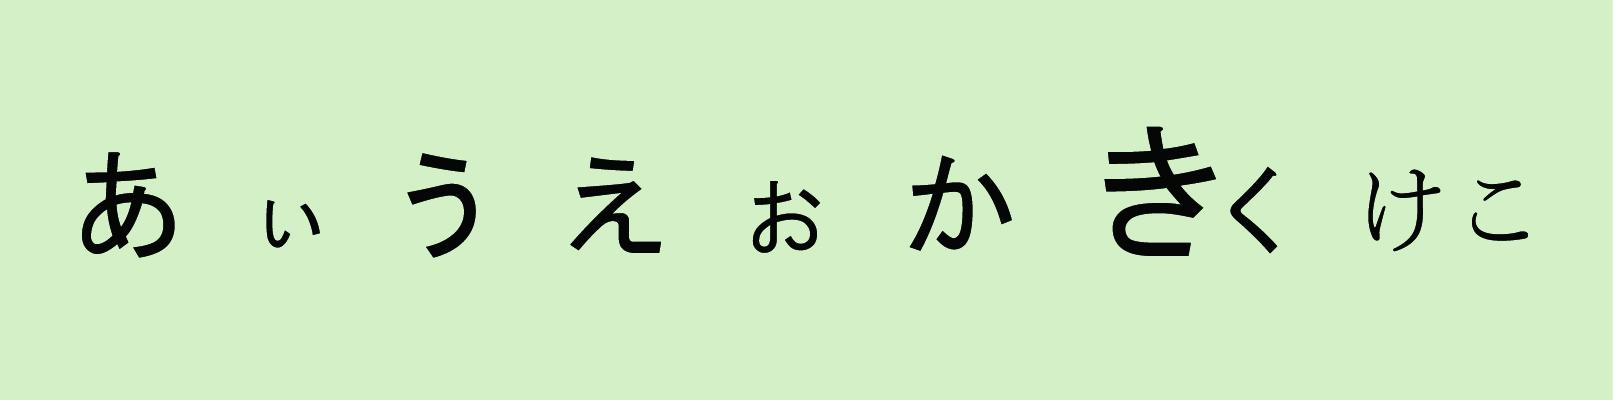 日文50音